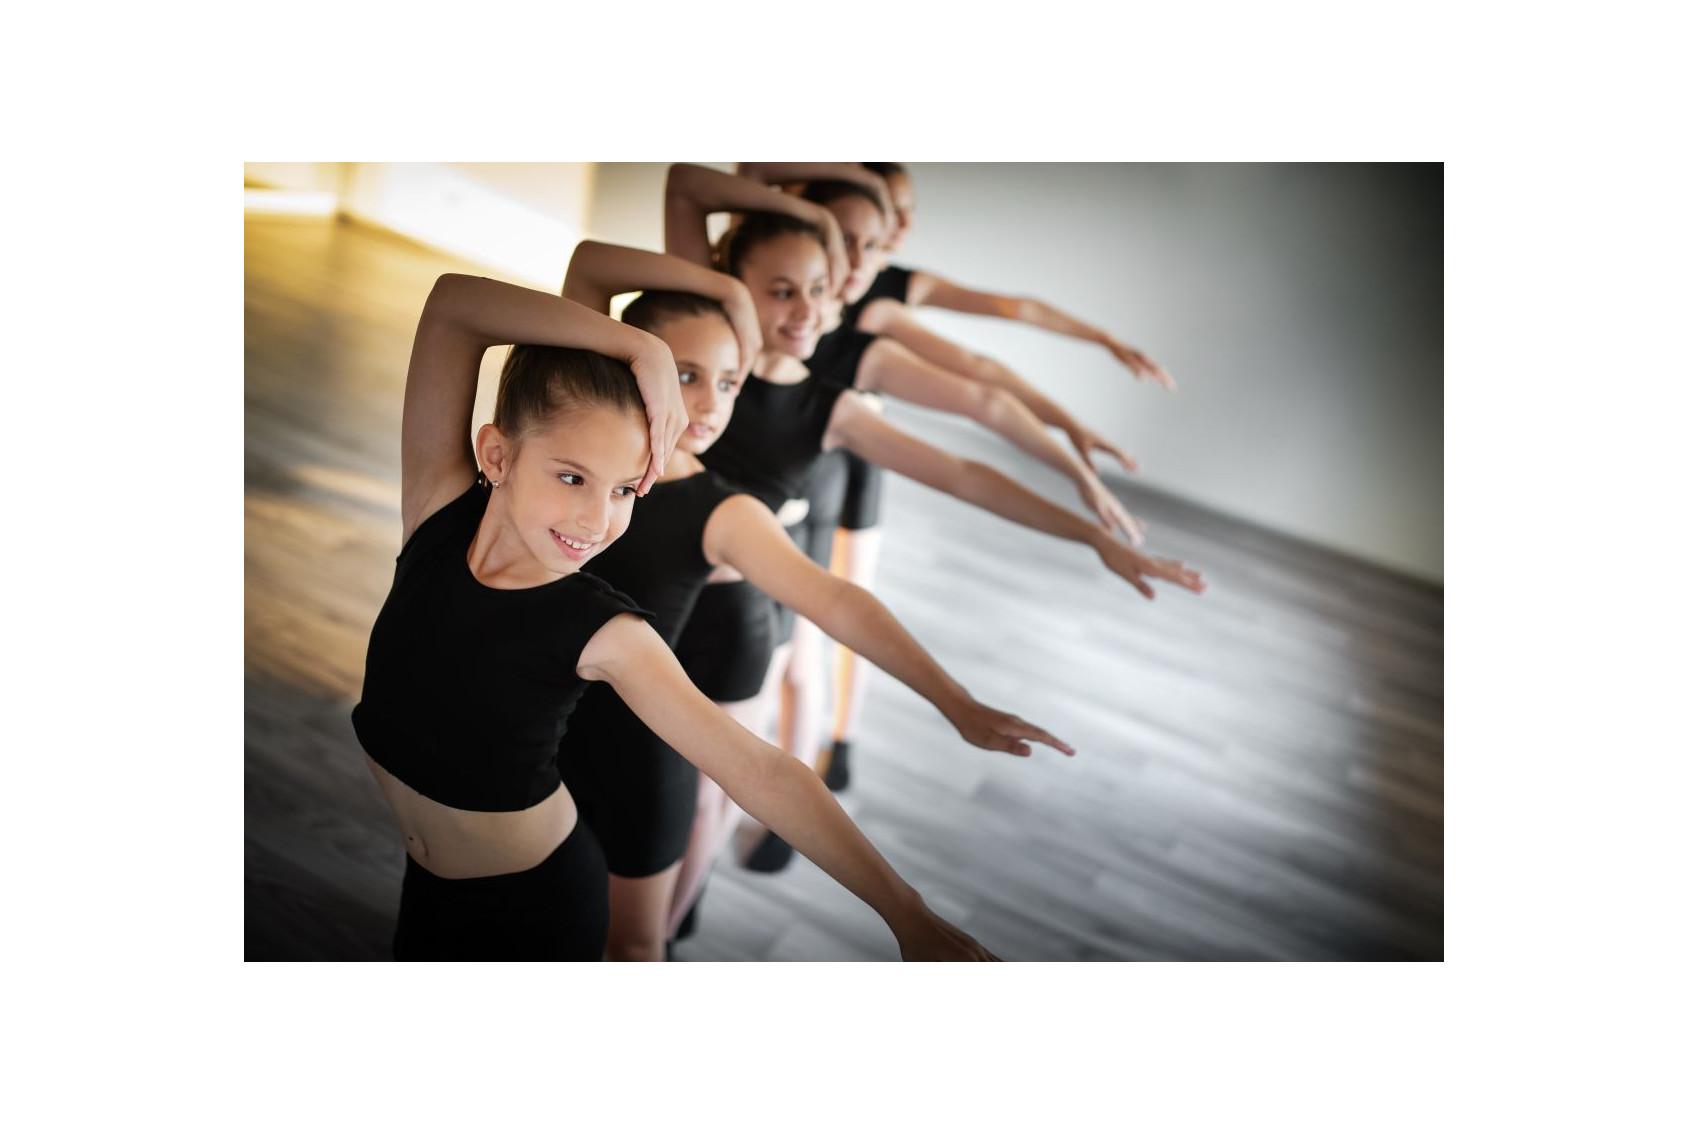 EMD, tous les uniformes pour les cours de cette école de danse